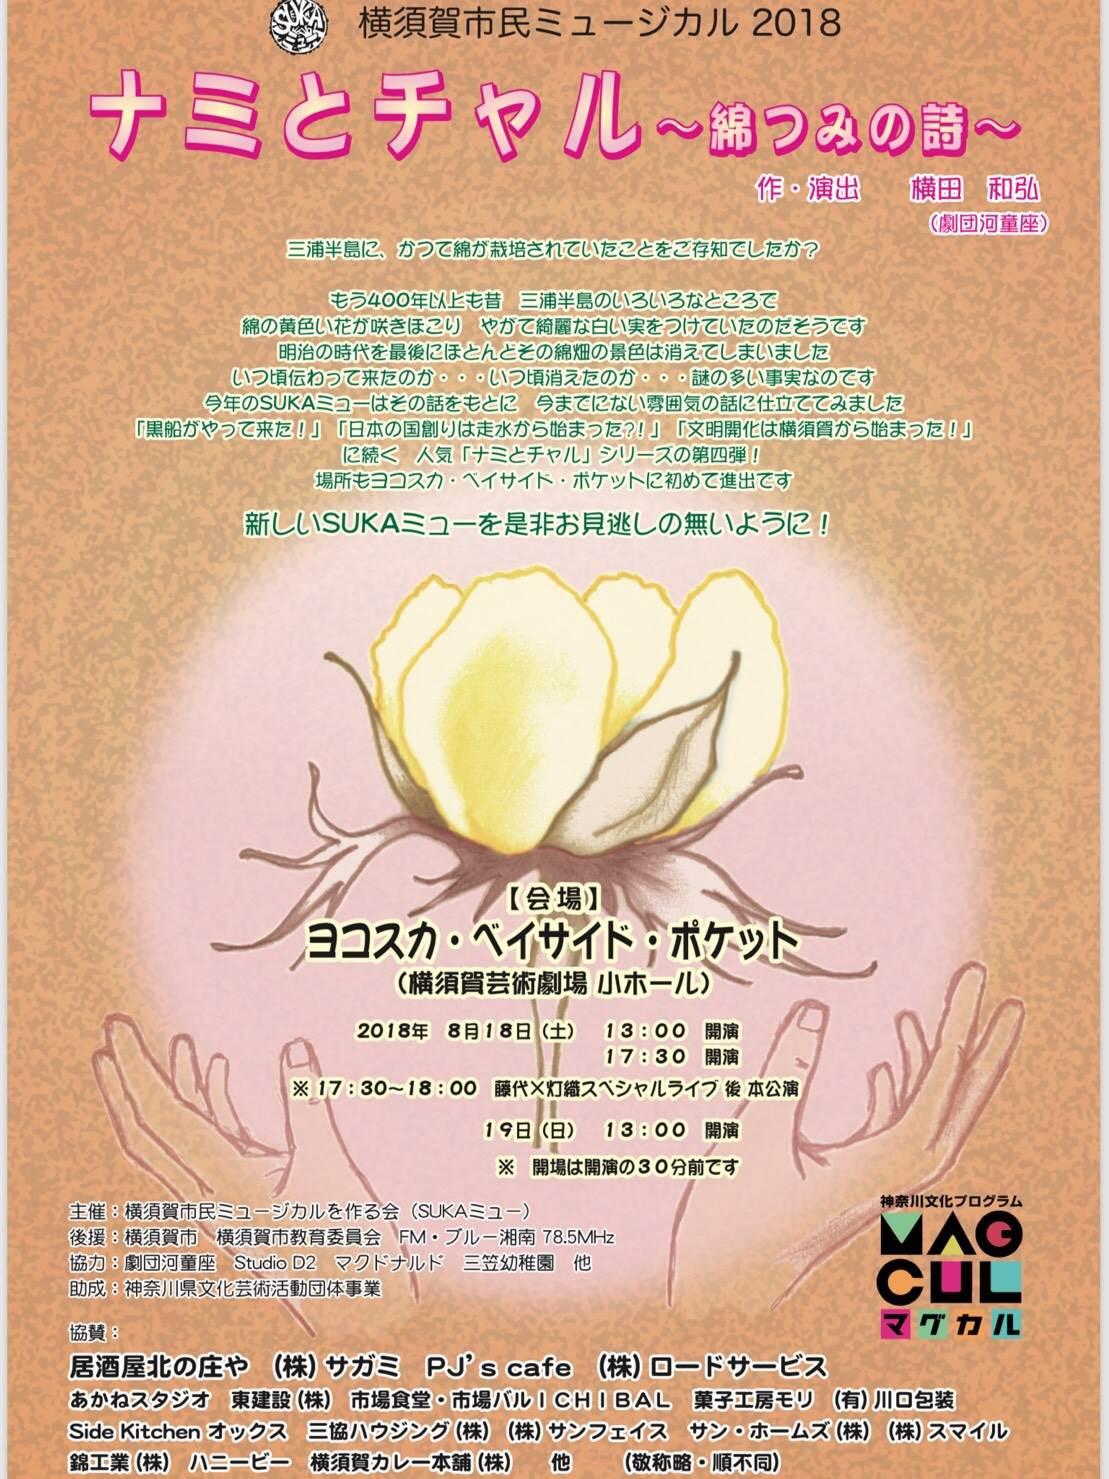 【犬吠埼にゃん出演】横須賀市民ミュージカル 2018「ナミとチャル ~綿つみの詩~」